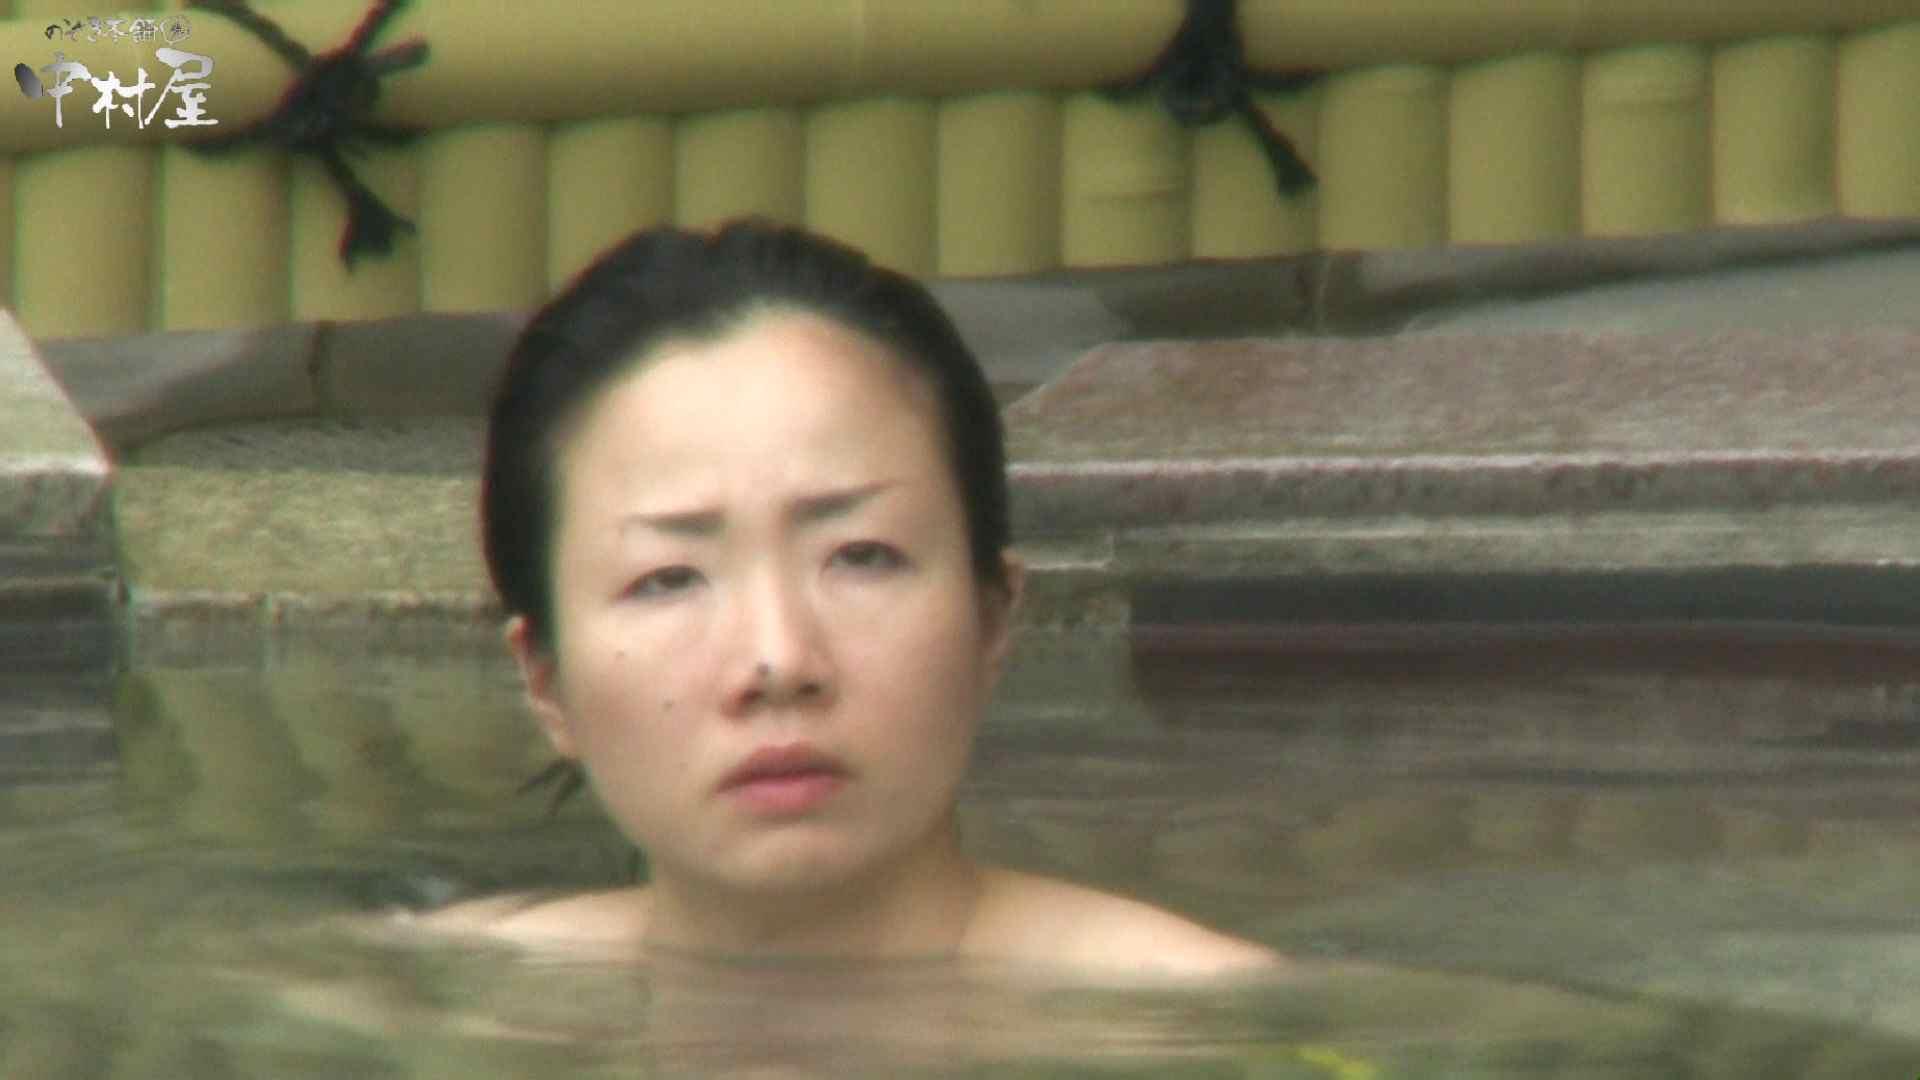 Aquaな露天風呂Vol.950 OLのエロ生活 覗きおまんこ画像 107連発 26